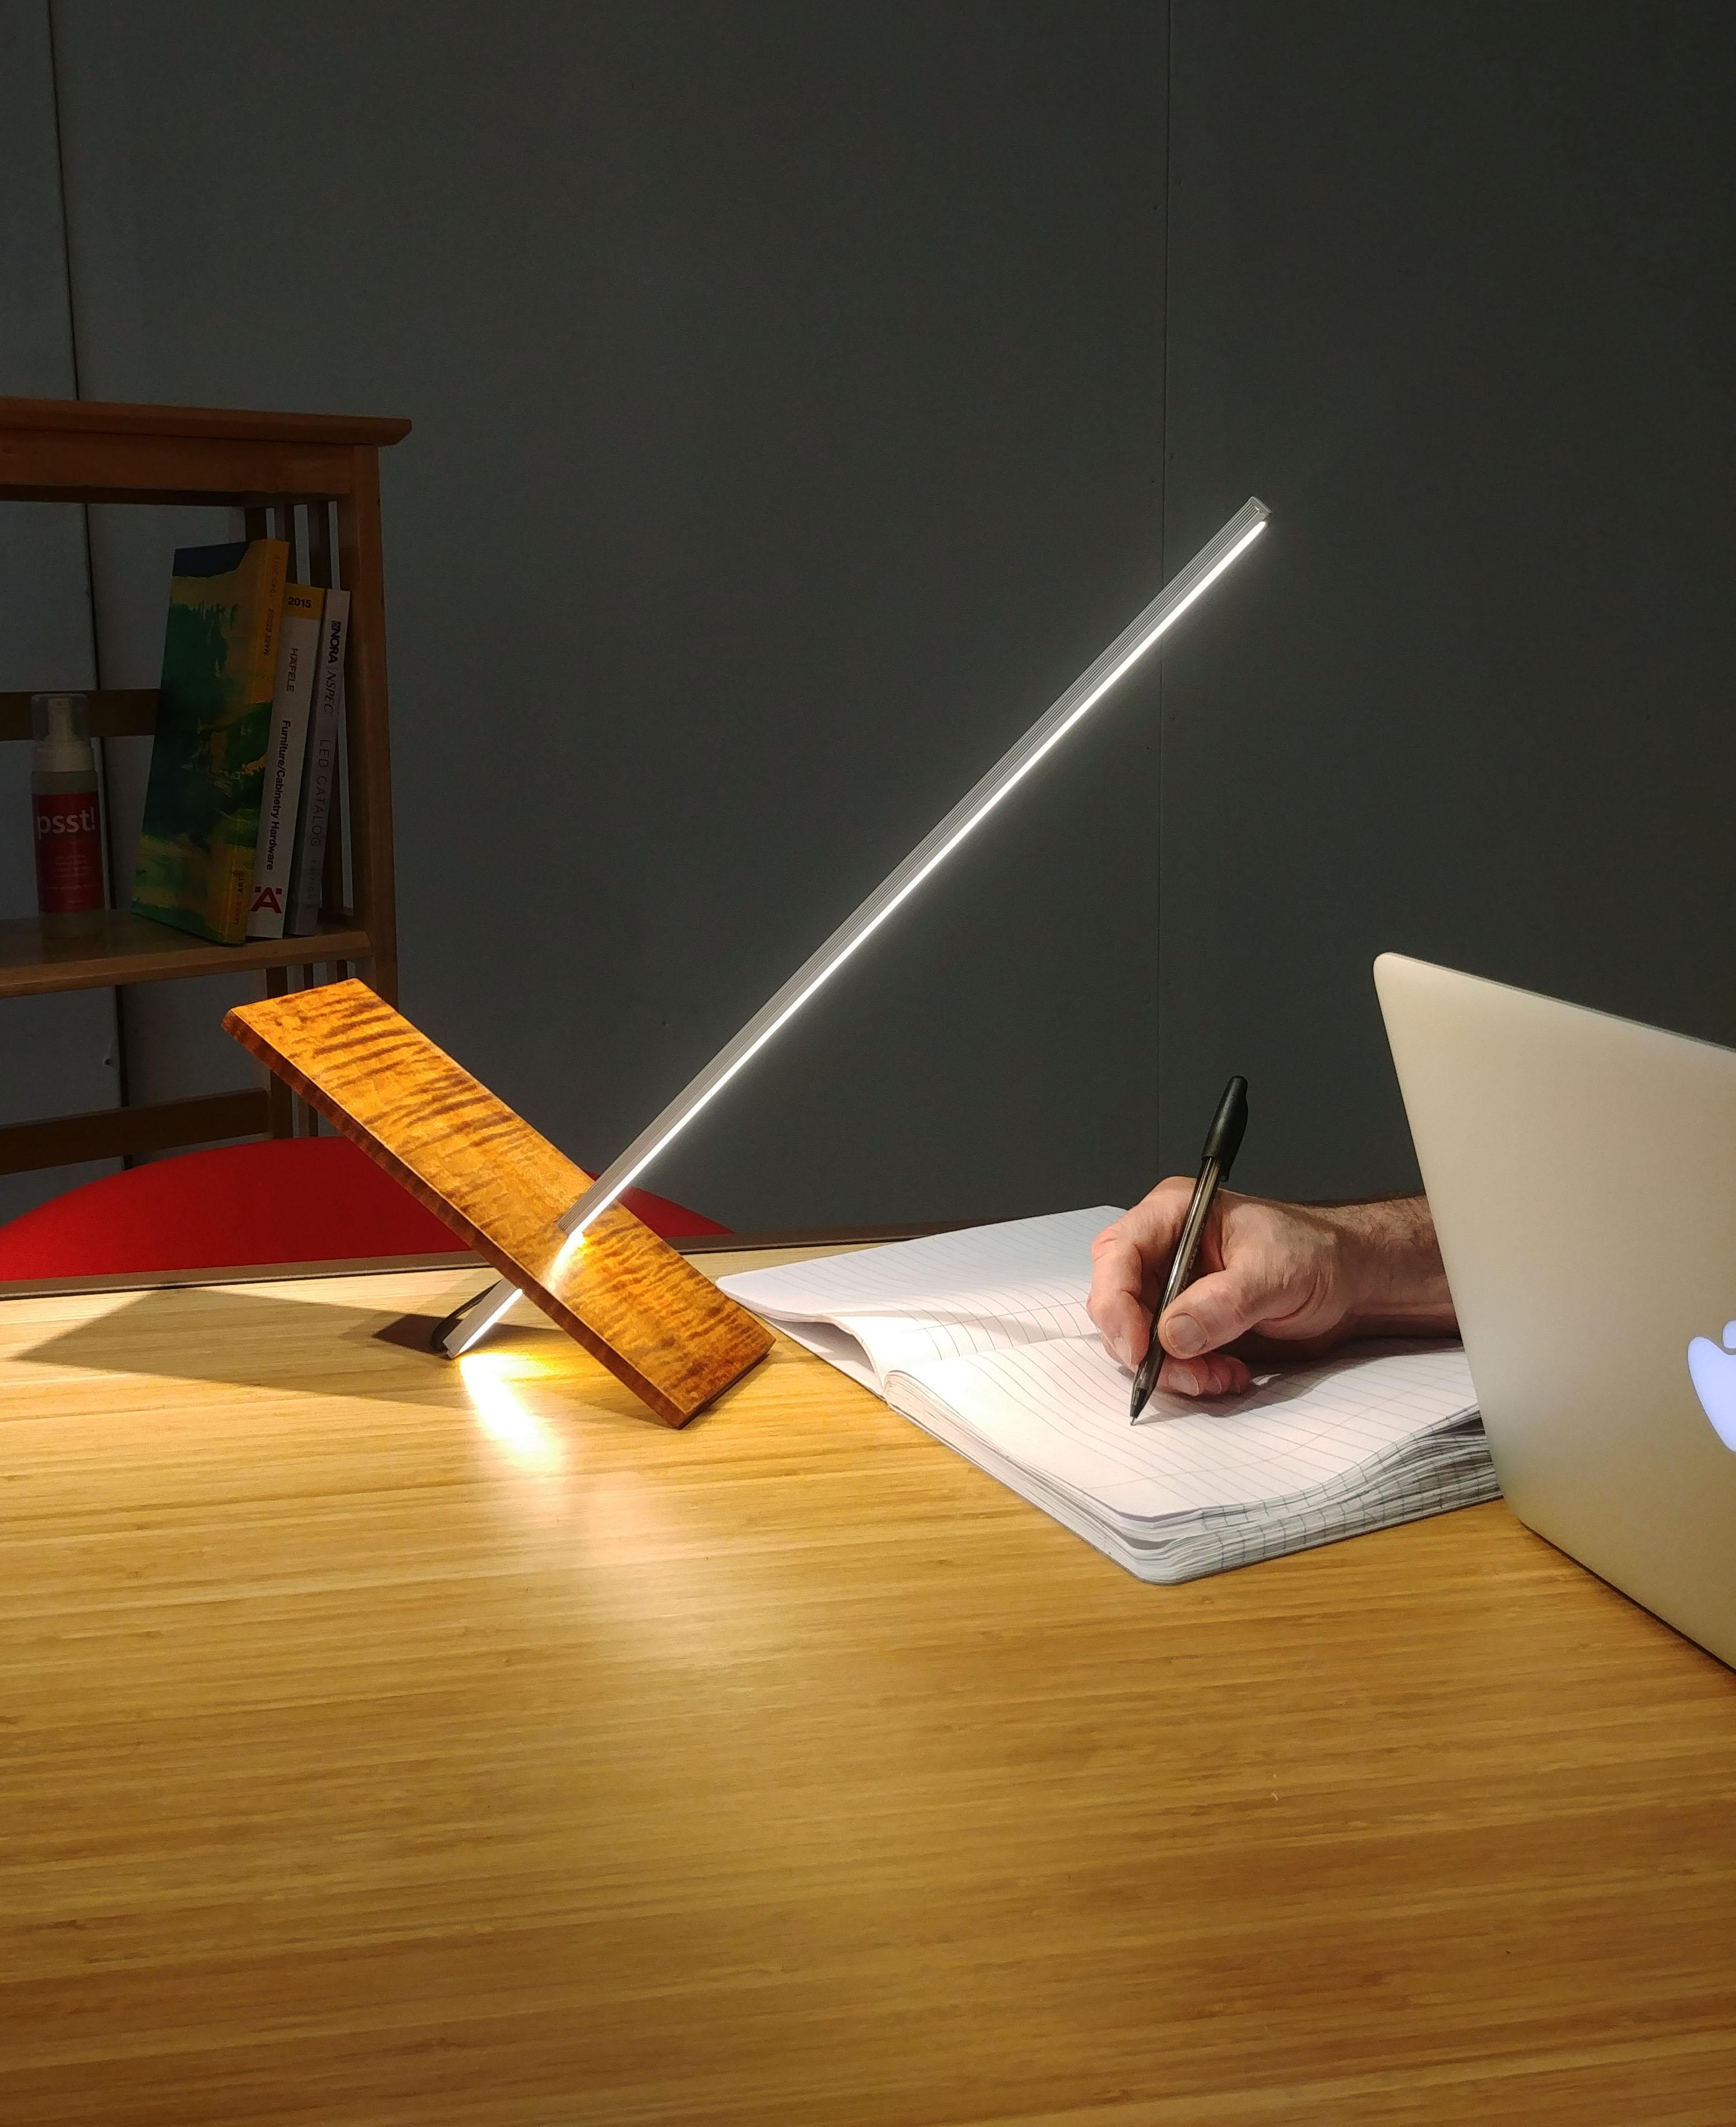 Stiiq LED Minimalist Table Lamp